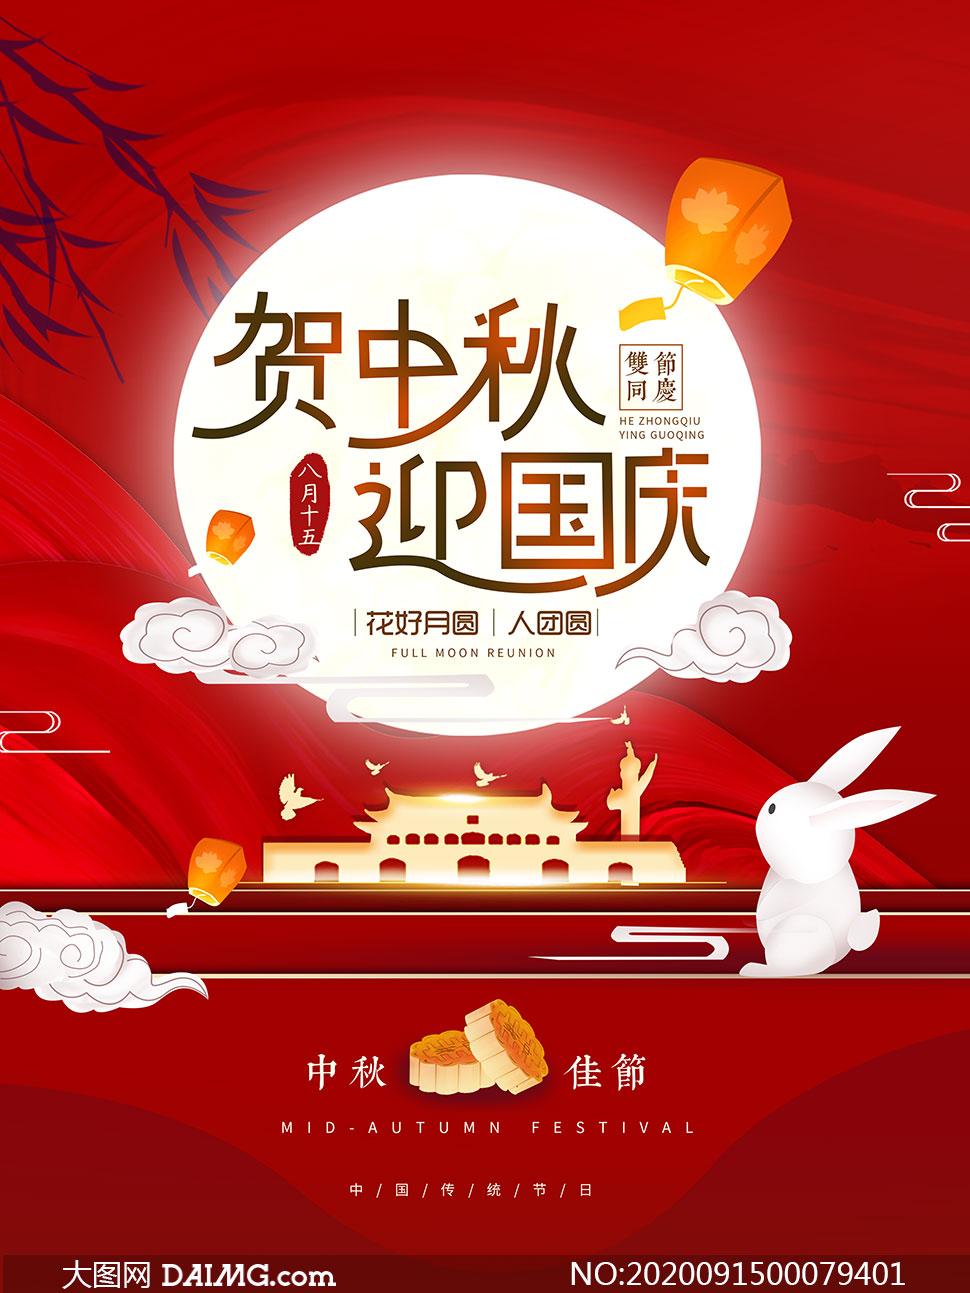 贺中秋迎国庆活动宣传单设计PSD素材